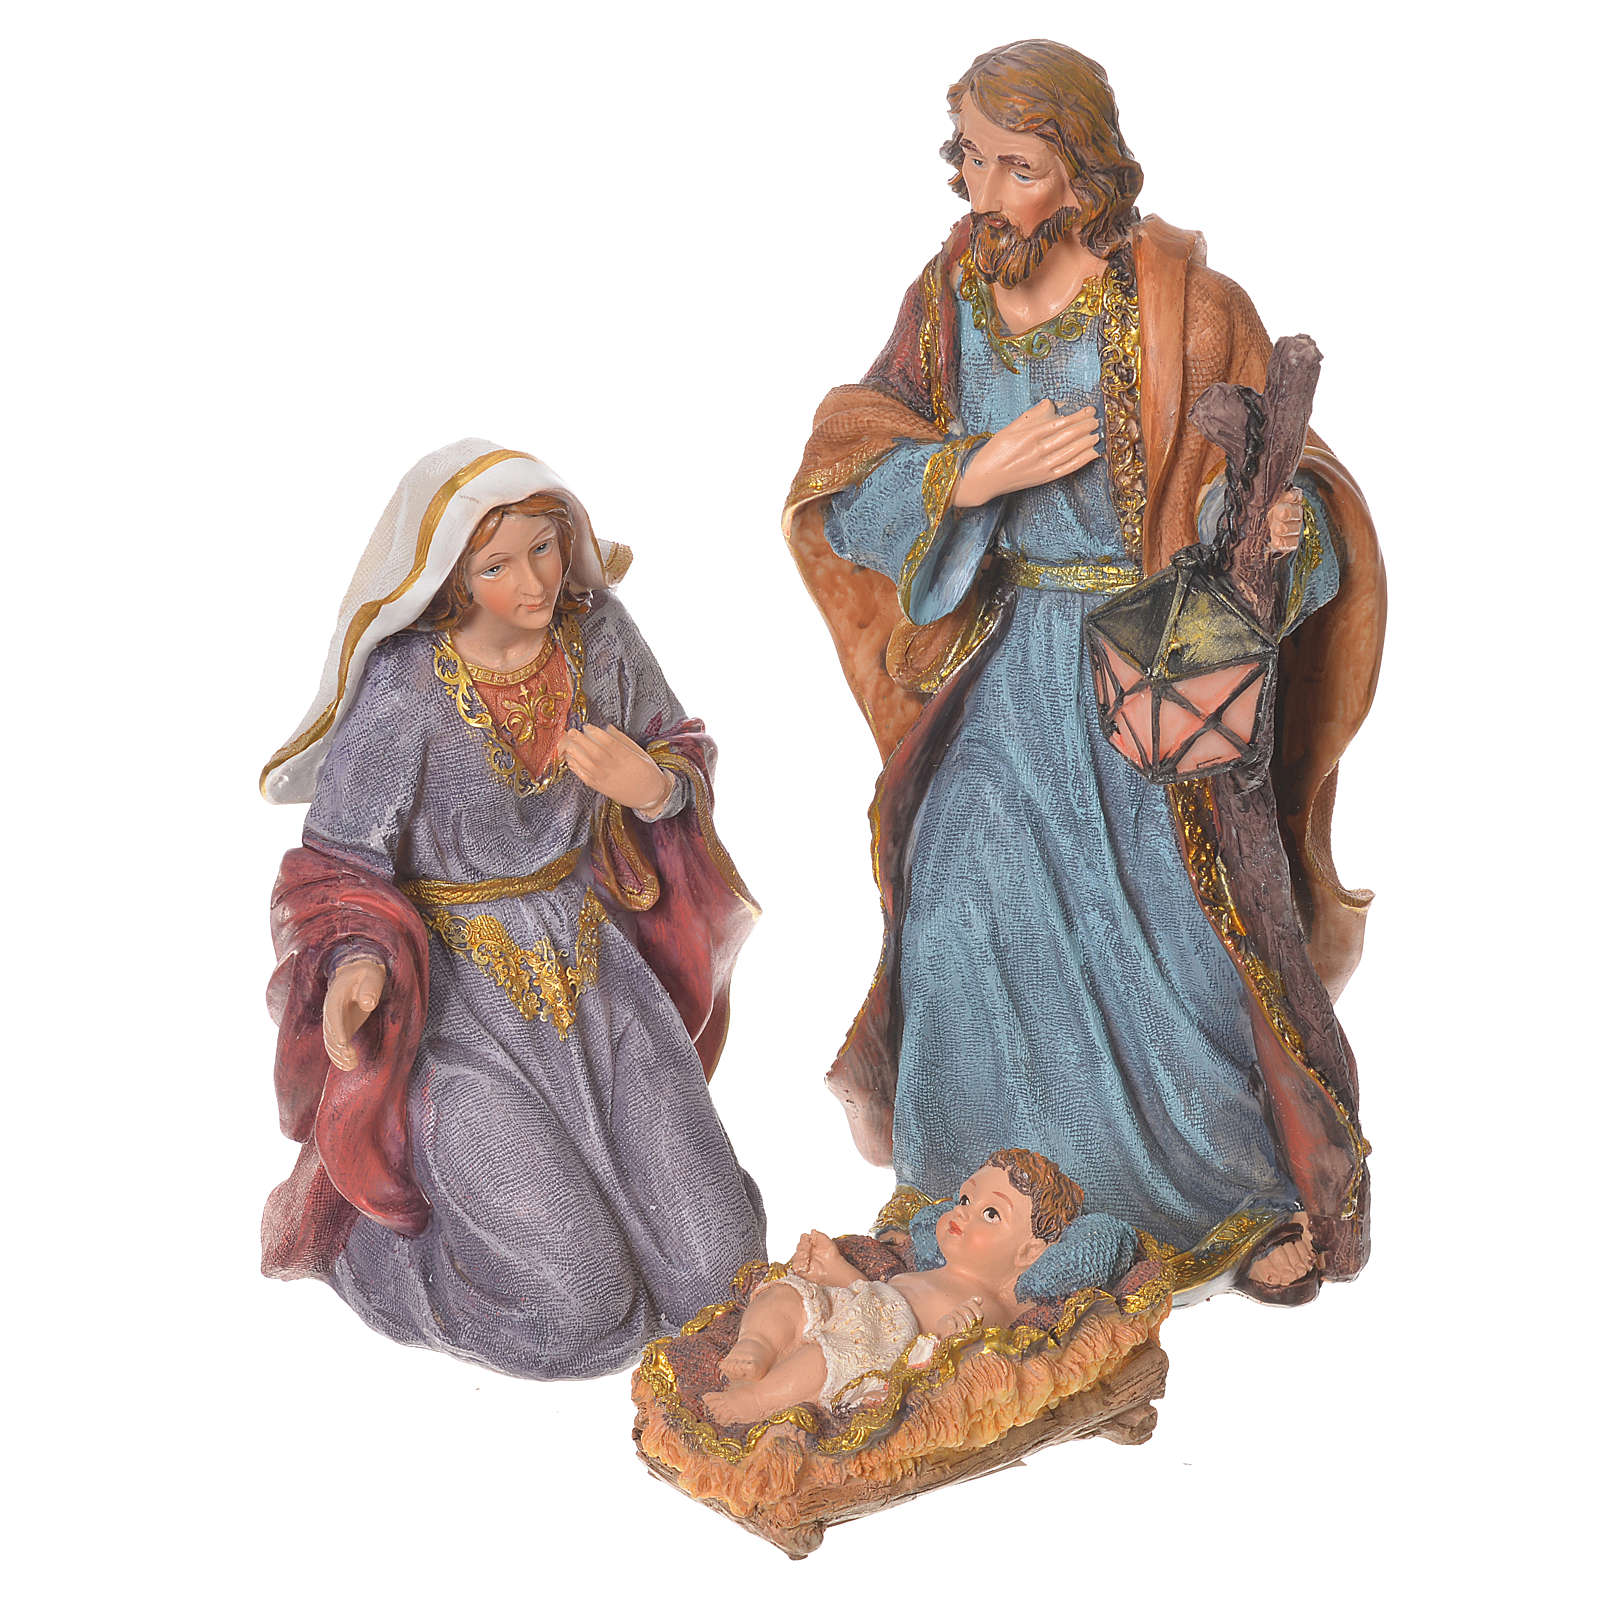 Presepe completo resina 27 cm multicolor 11 statue 4